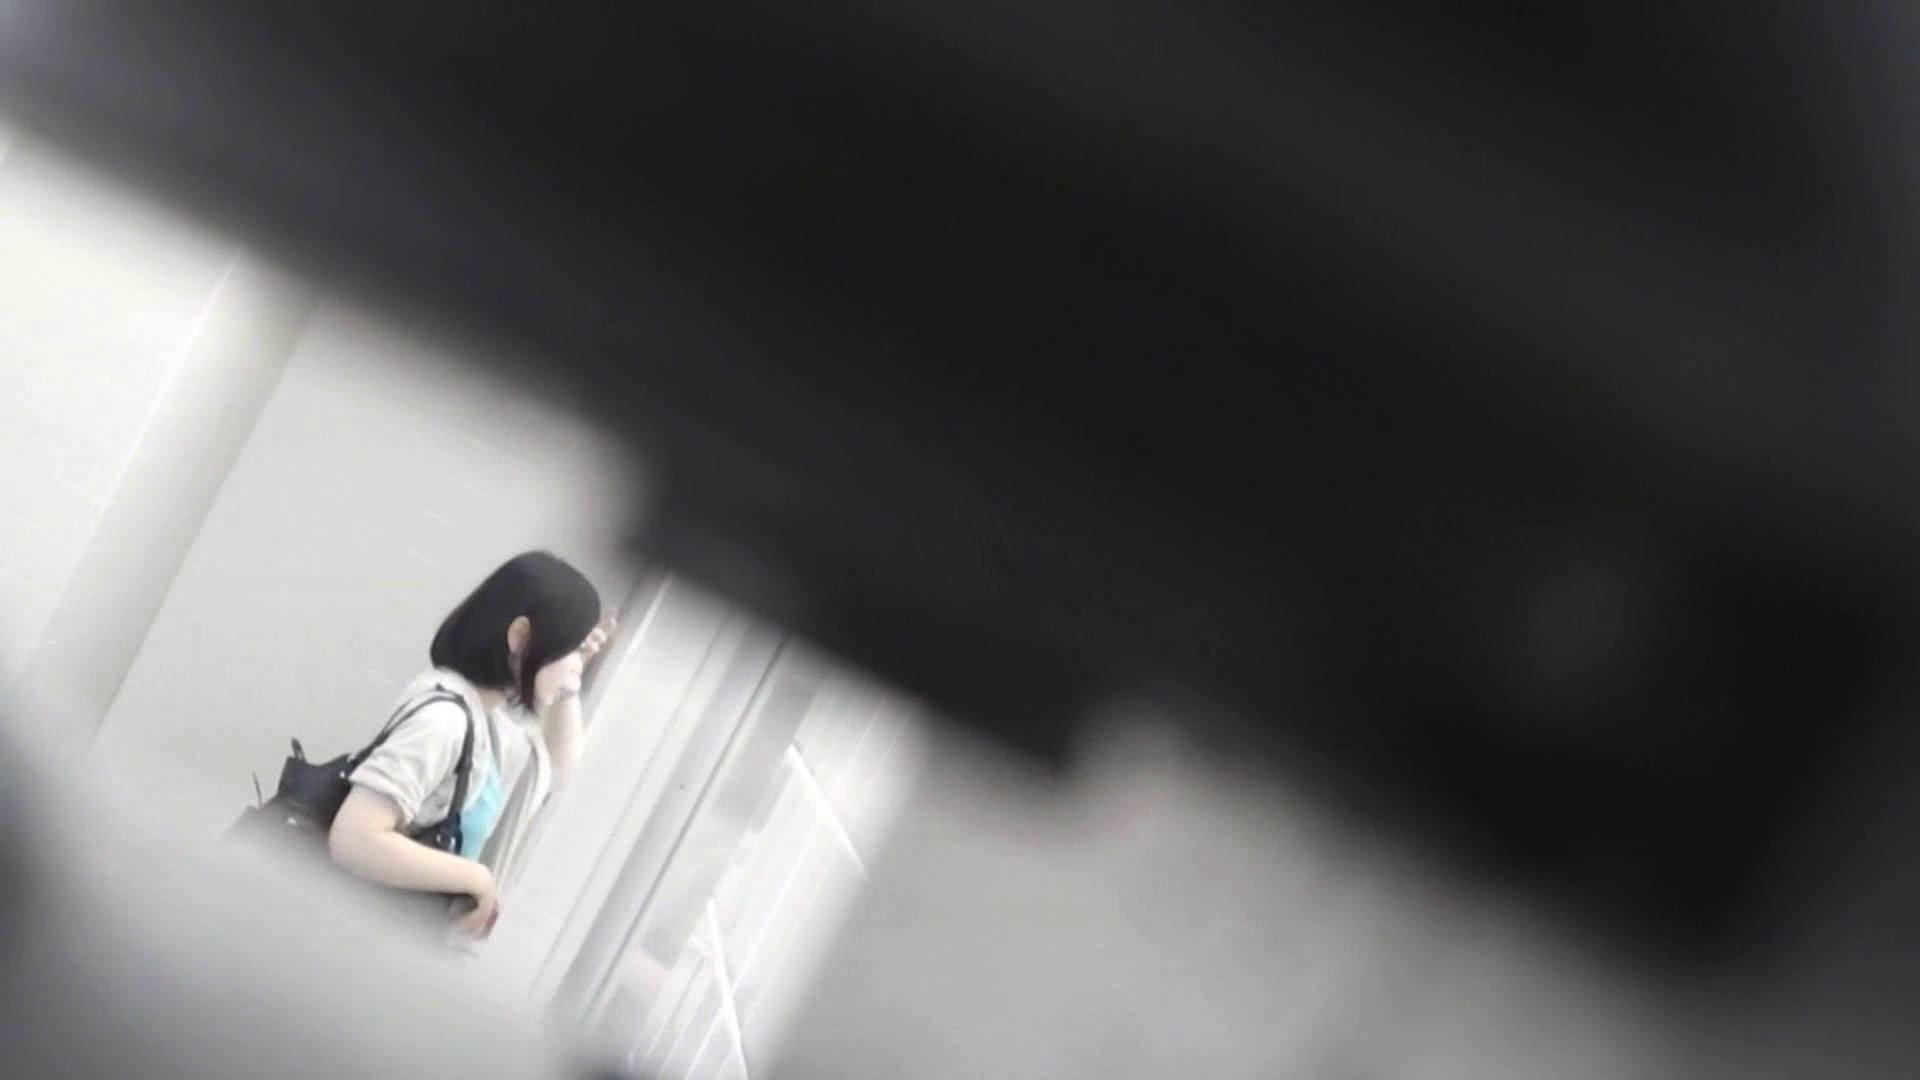 vol.25三十時間潜り、一つしか出会えない完璧桃尻編 byお銀 美人  84PIX 53